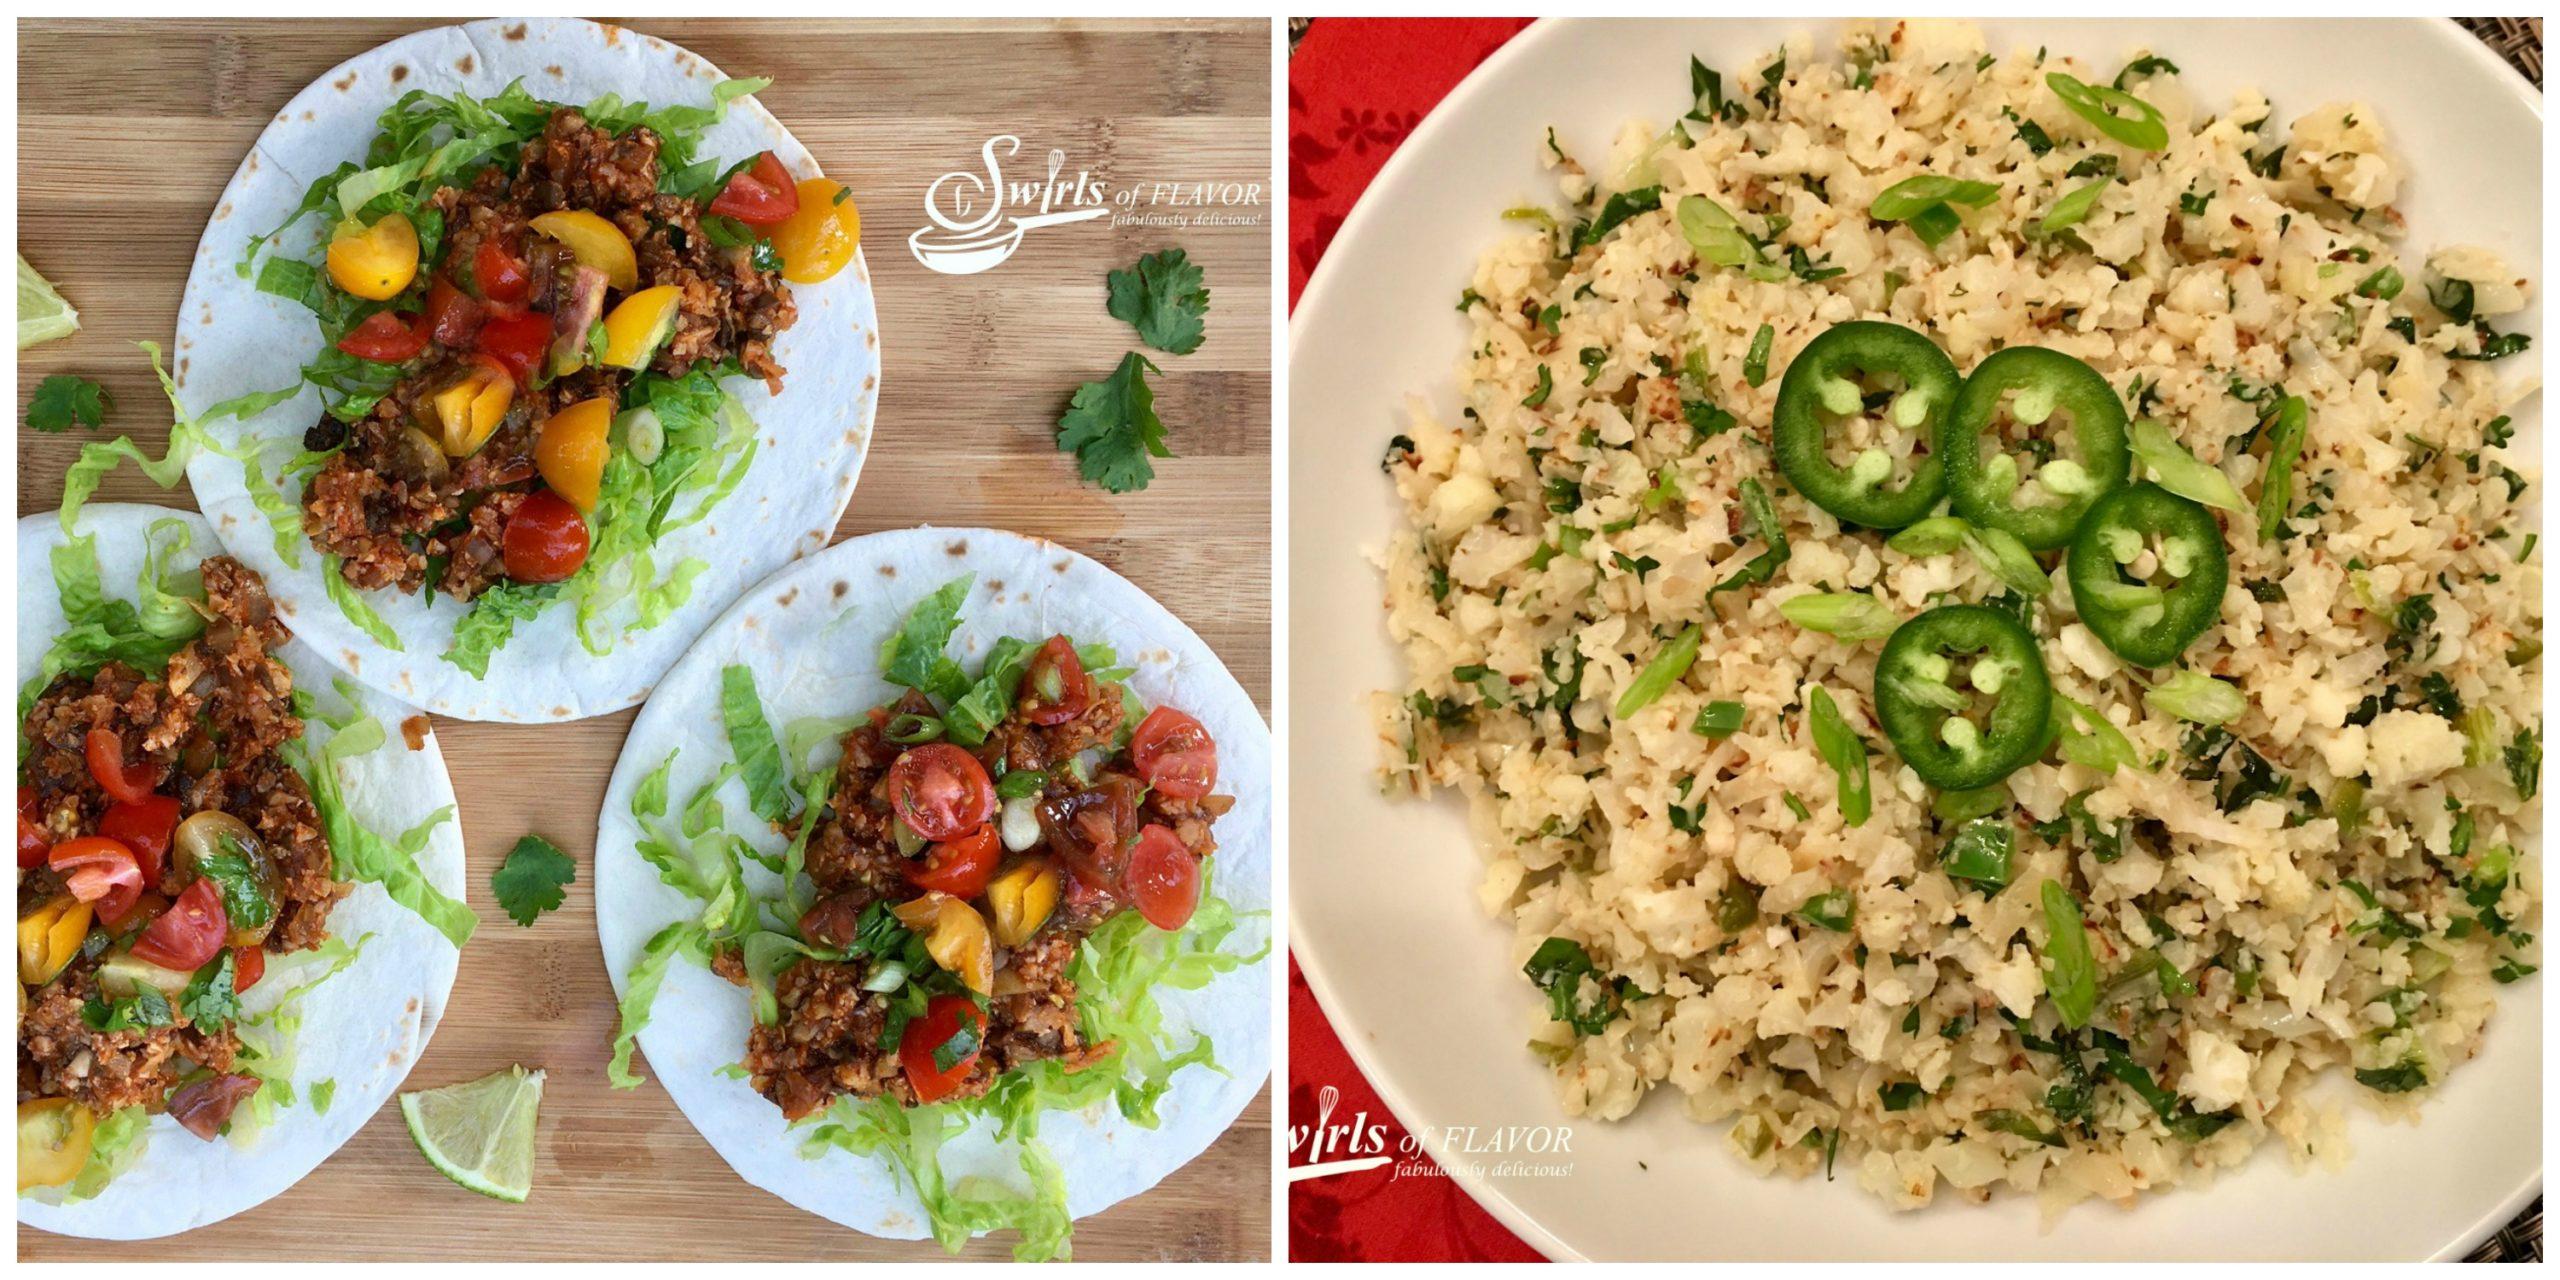 Cauliflower Tacos and Cauliflower Rice